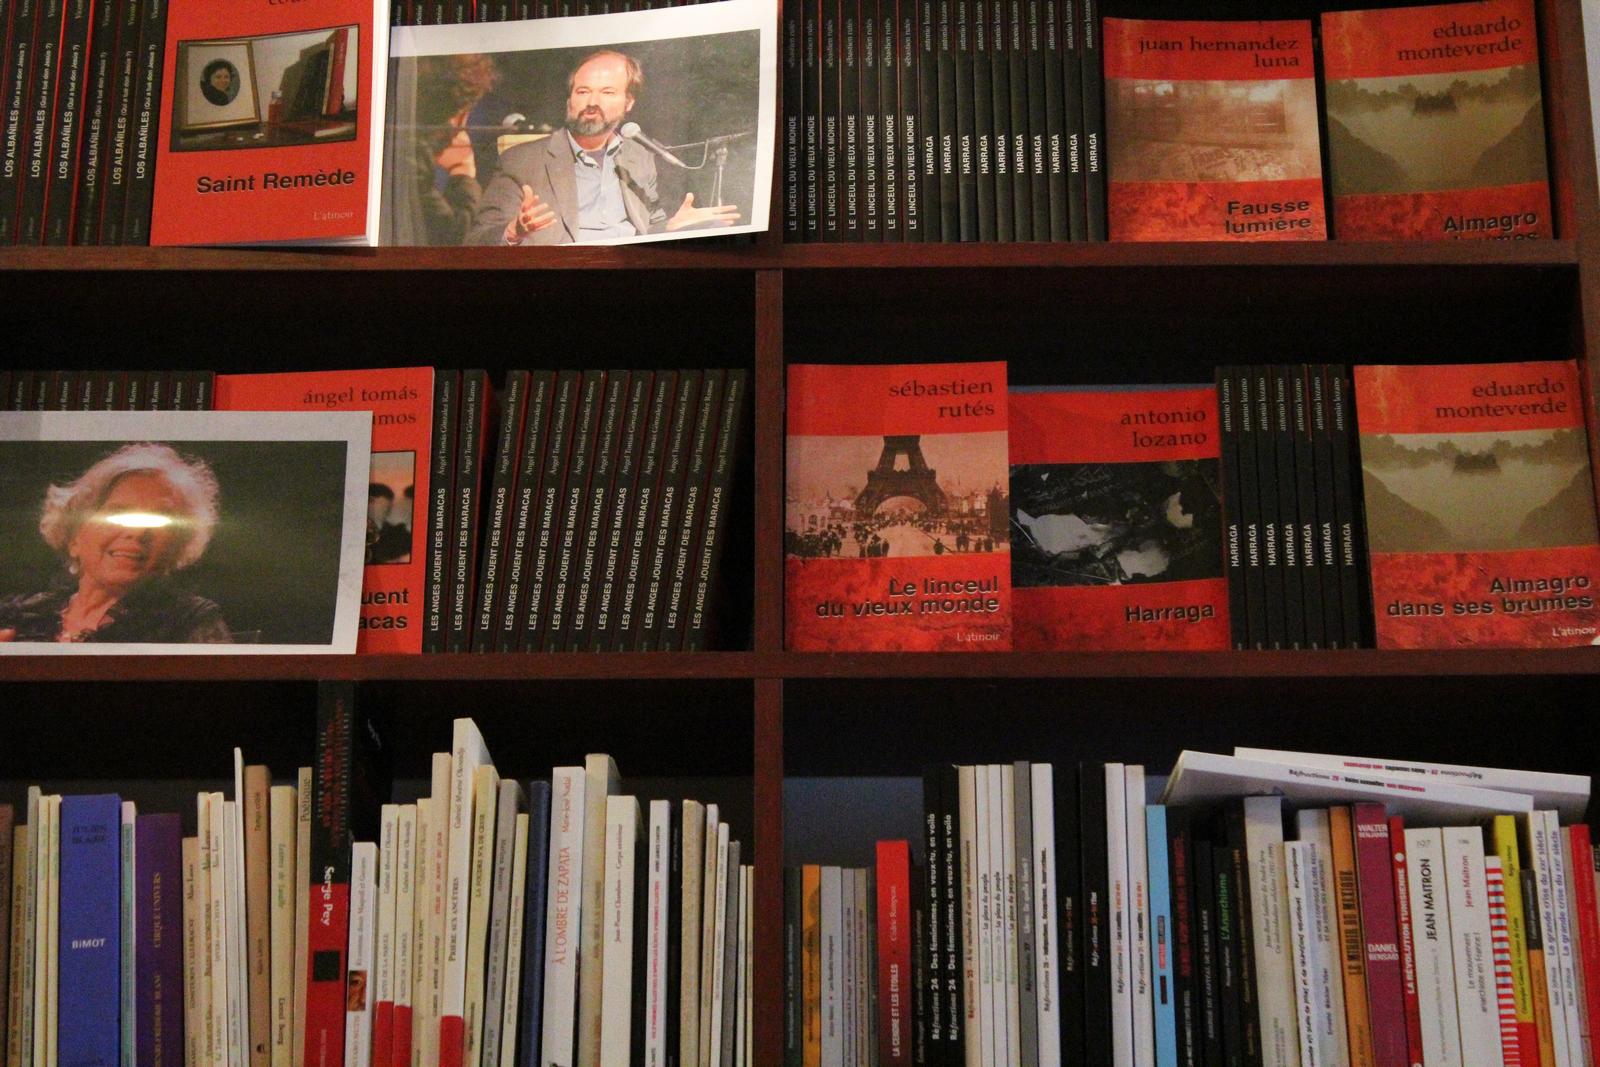 La librairie possède un fond spécialisé dans le roman noir avec des livres français et étrangers. ©DF